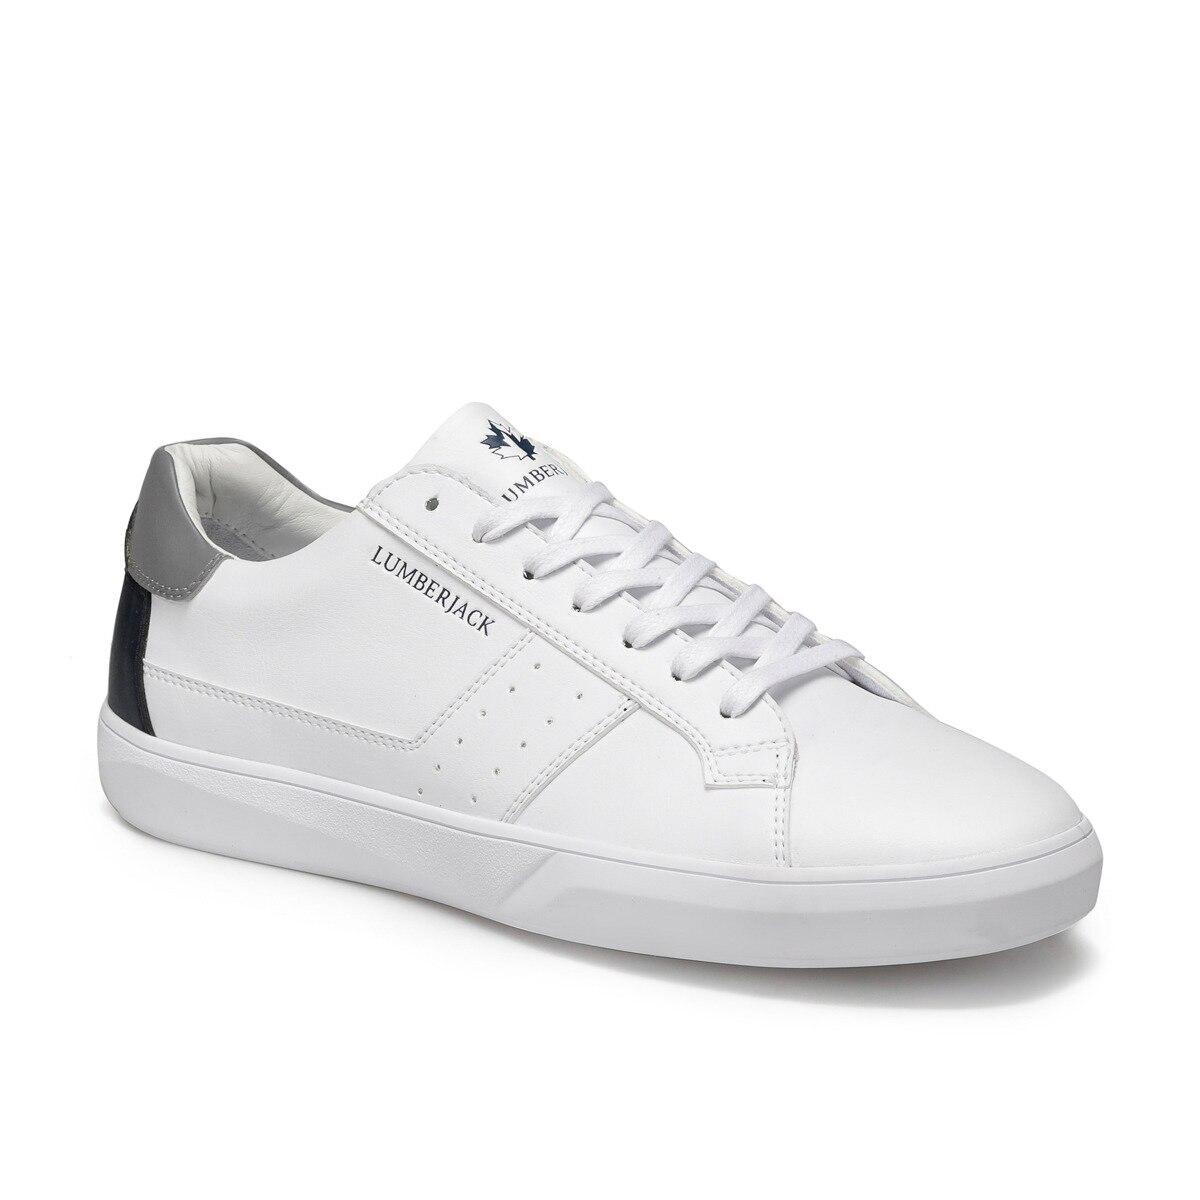 FLO GABRIEL White Male Sneaker LUMBERJACK